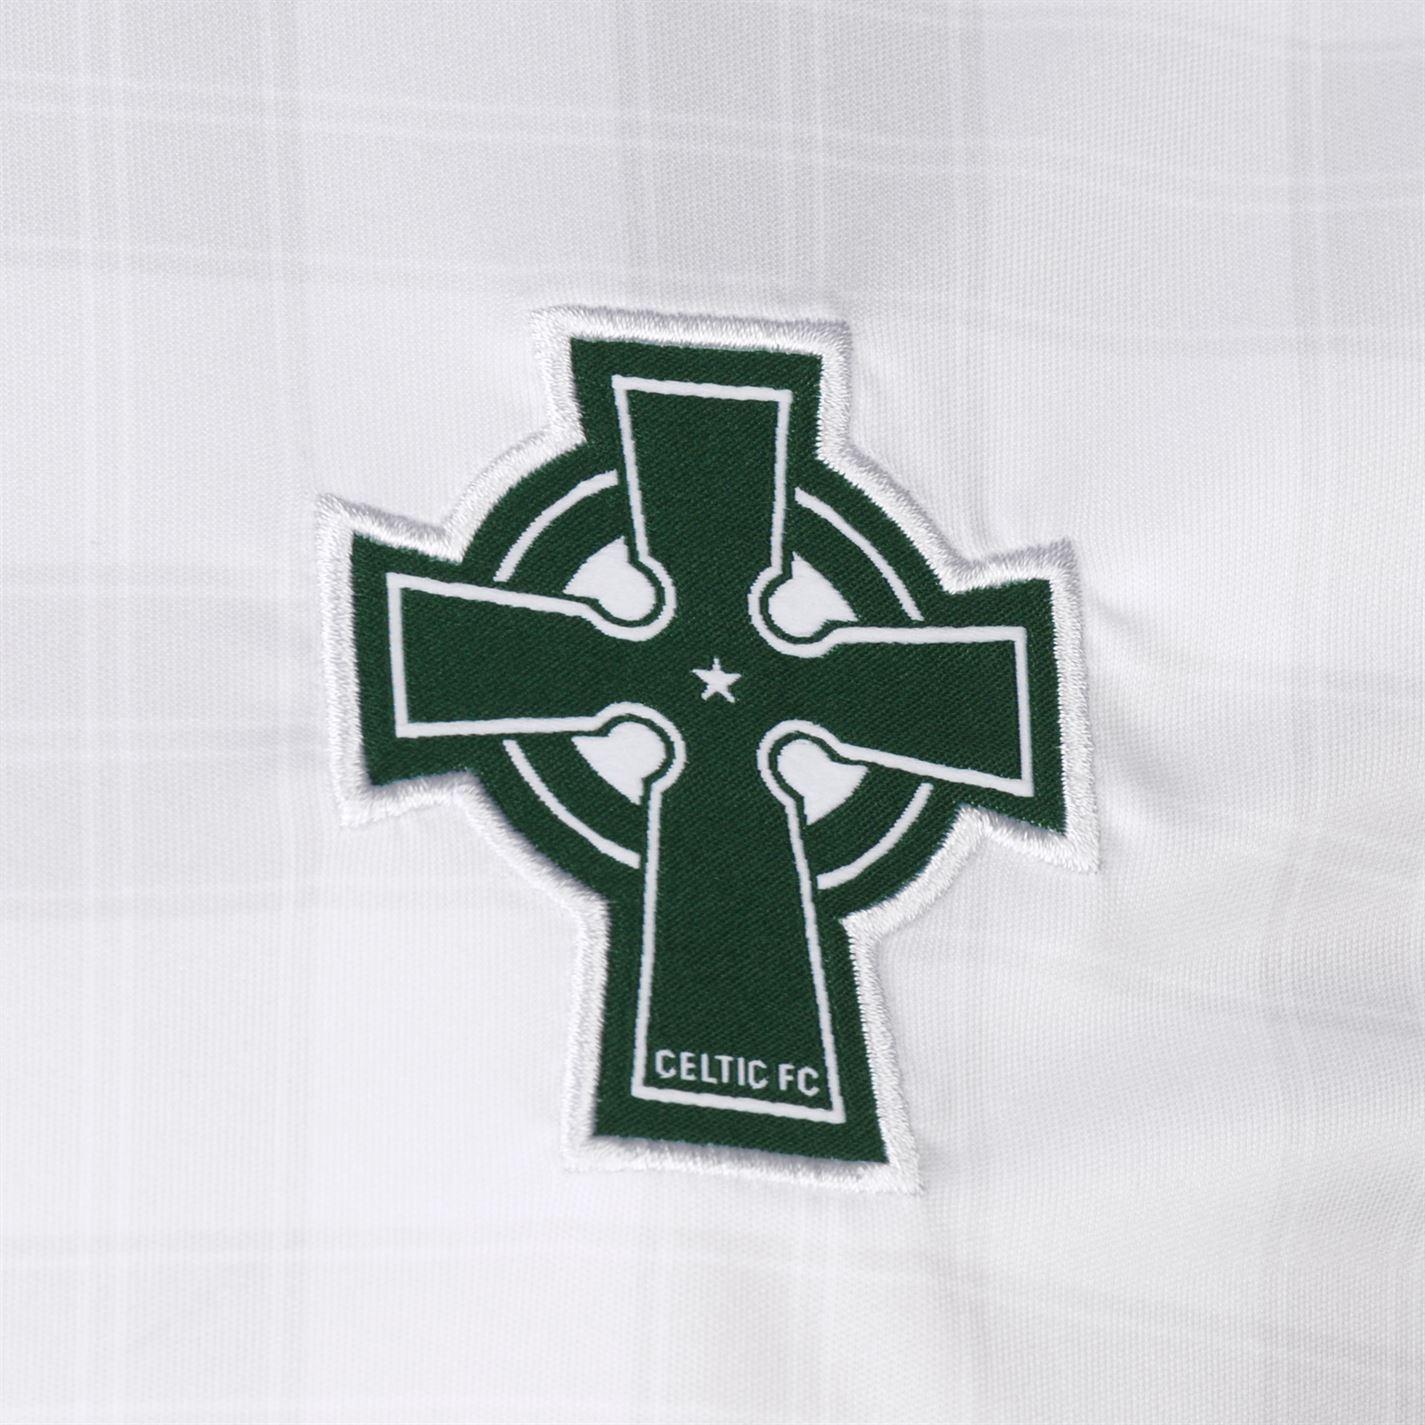 a3b198ad31680 ... New Balance Celtic Away Jersey 2018 2019 Juniors White Football Soccer  Shirt Top